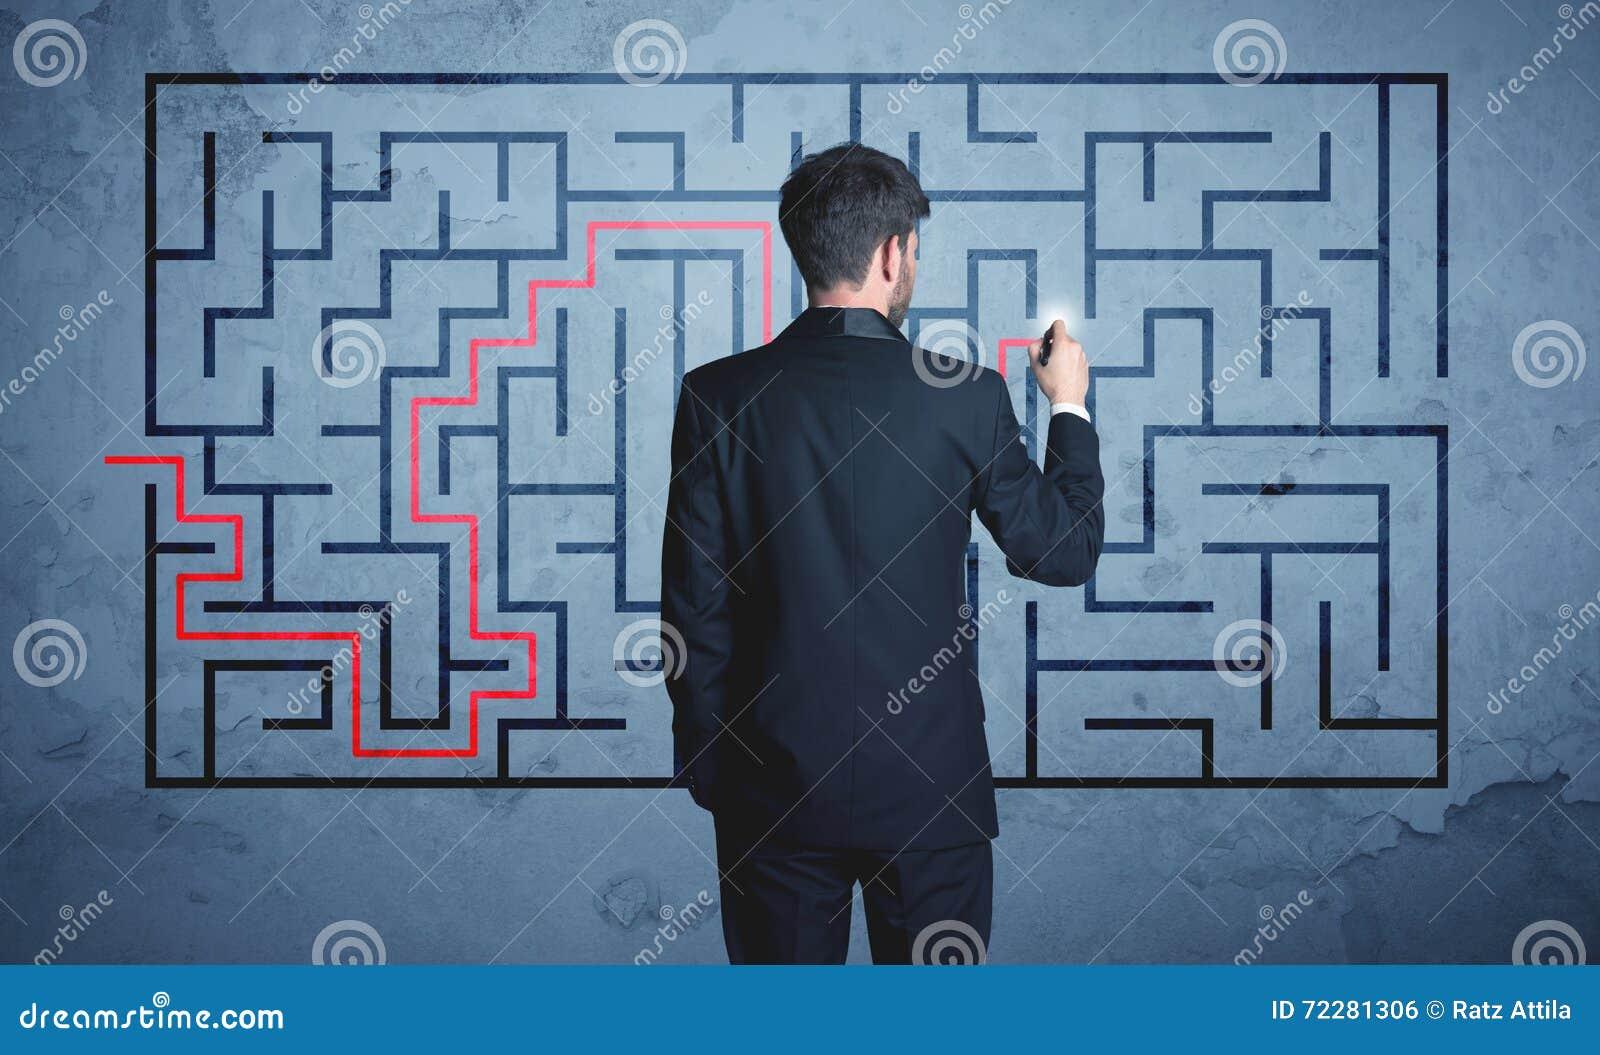 Download Решение лабиринта стоковое фото. изображение насчитывающей план - 72281306